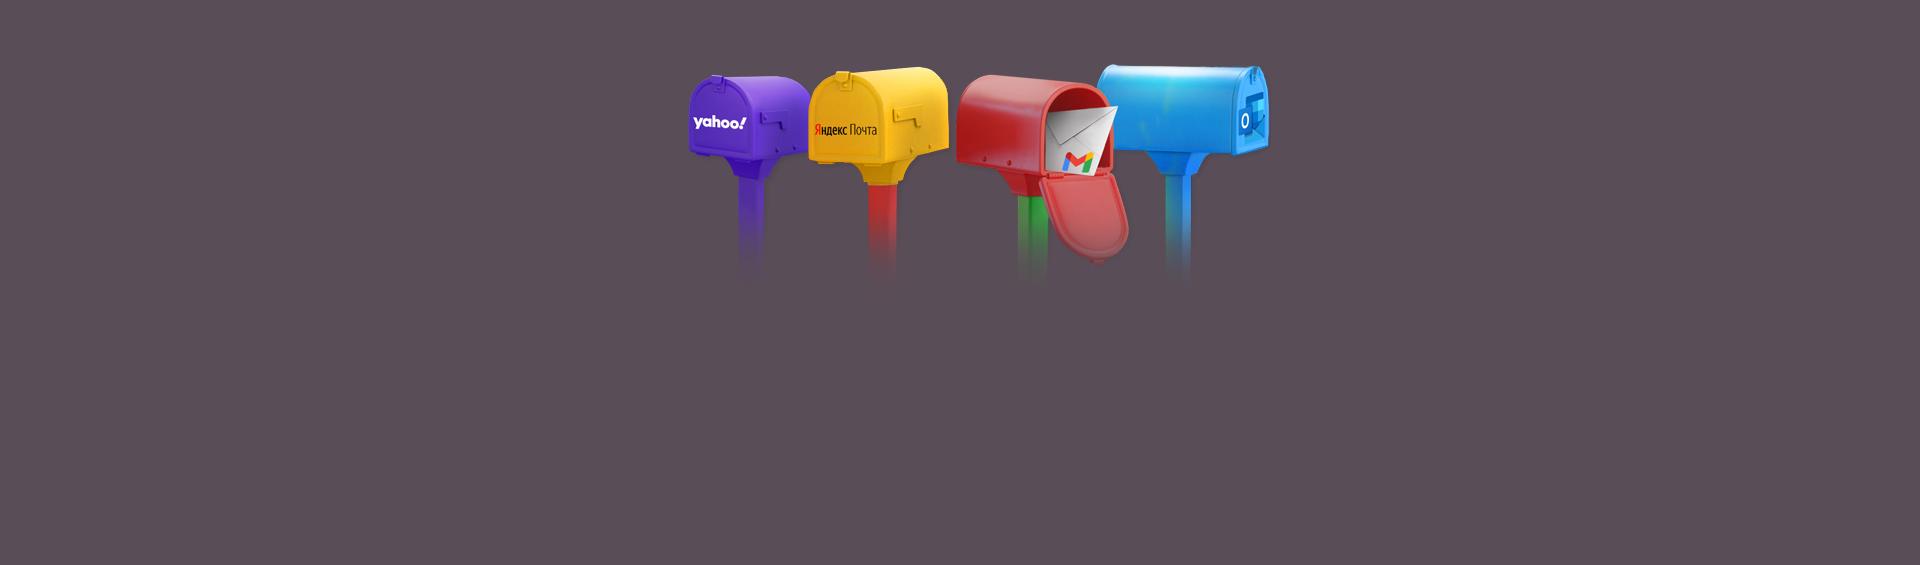 лучшие почтовые сервисы